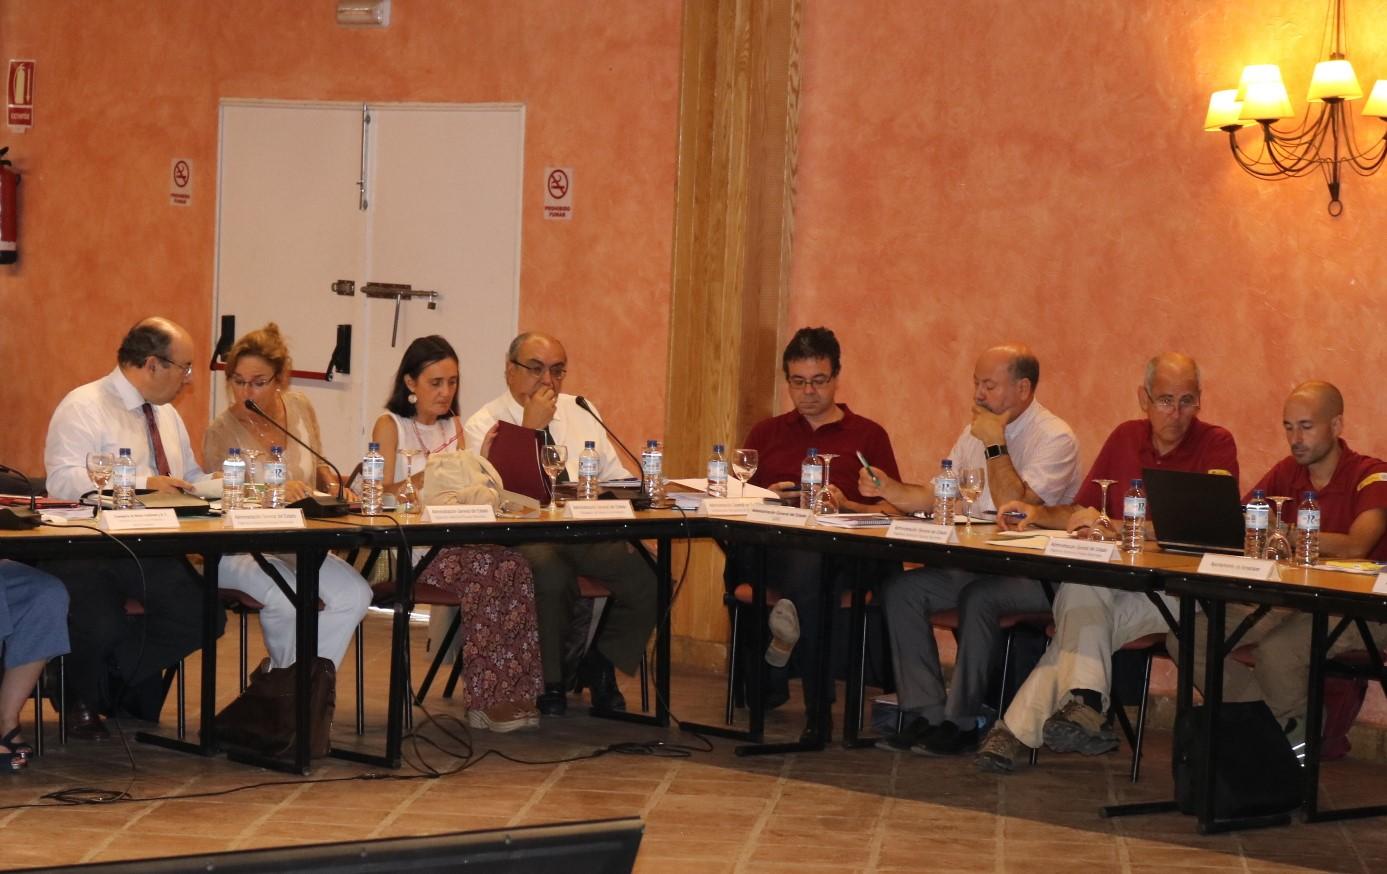 NOTA DE PRENSA/DOÑANA: EL MAPAMA destaca en el Consejo de Participación de Doñana el reconocimiento de la UNESCO al esfuerzo de conservación que se está haciendo en el Parque Nacional